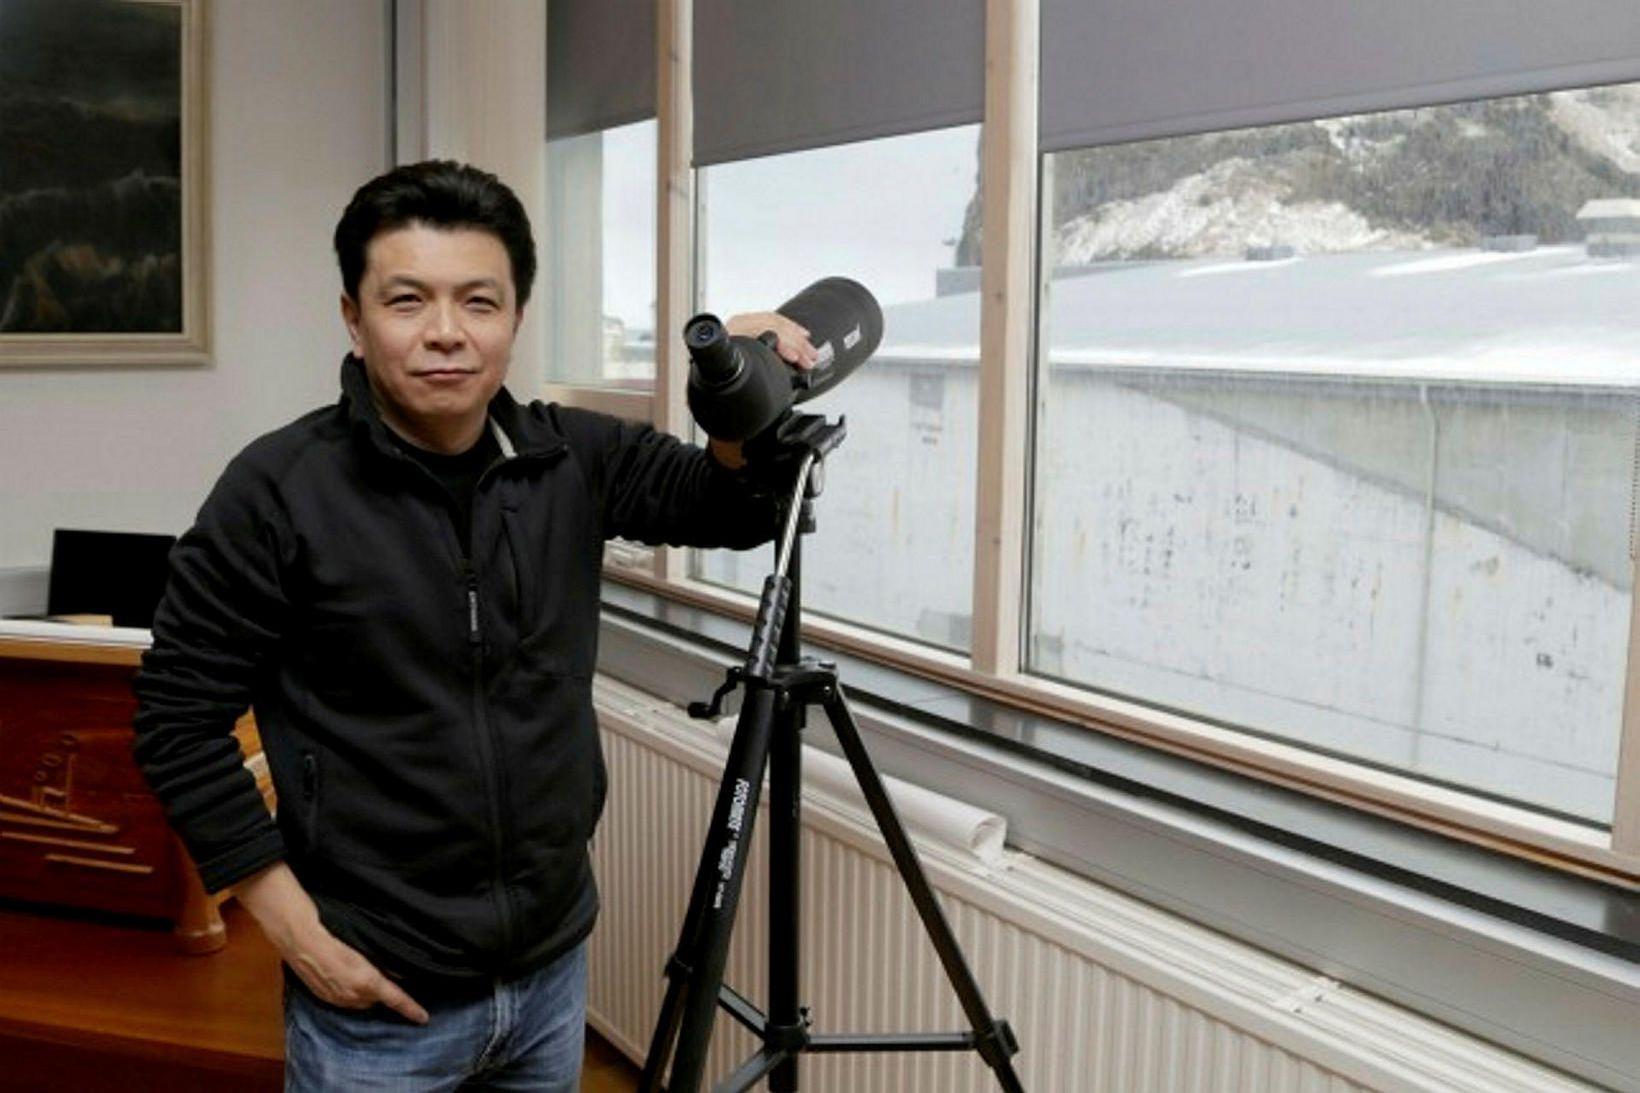 Sölustjóri vinnslustöðvarinnar í Japan Yohei Kitayama segir faraldurinn hafa haft …